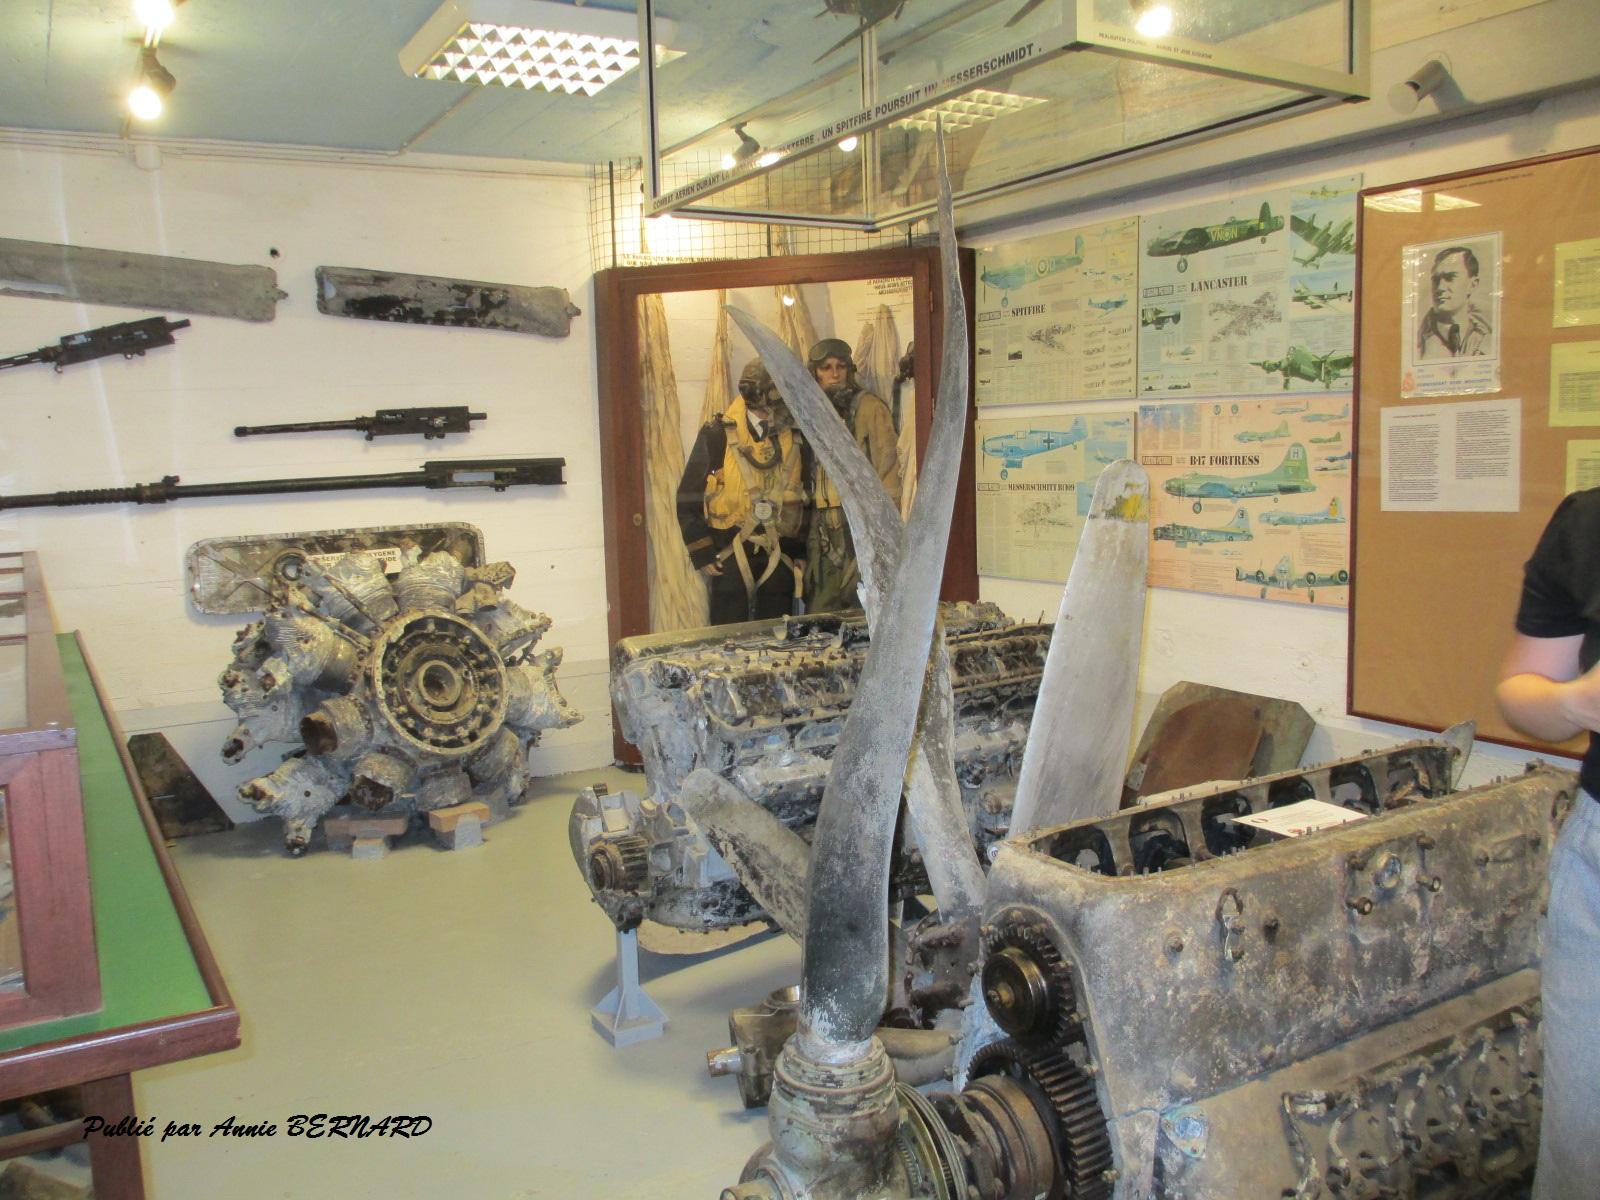 Des vestiges de moteurs d'avions